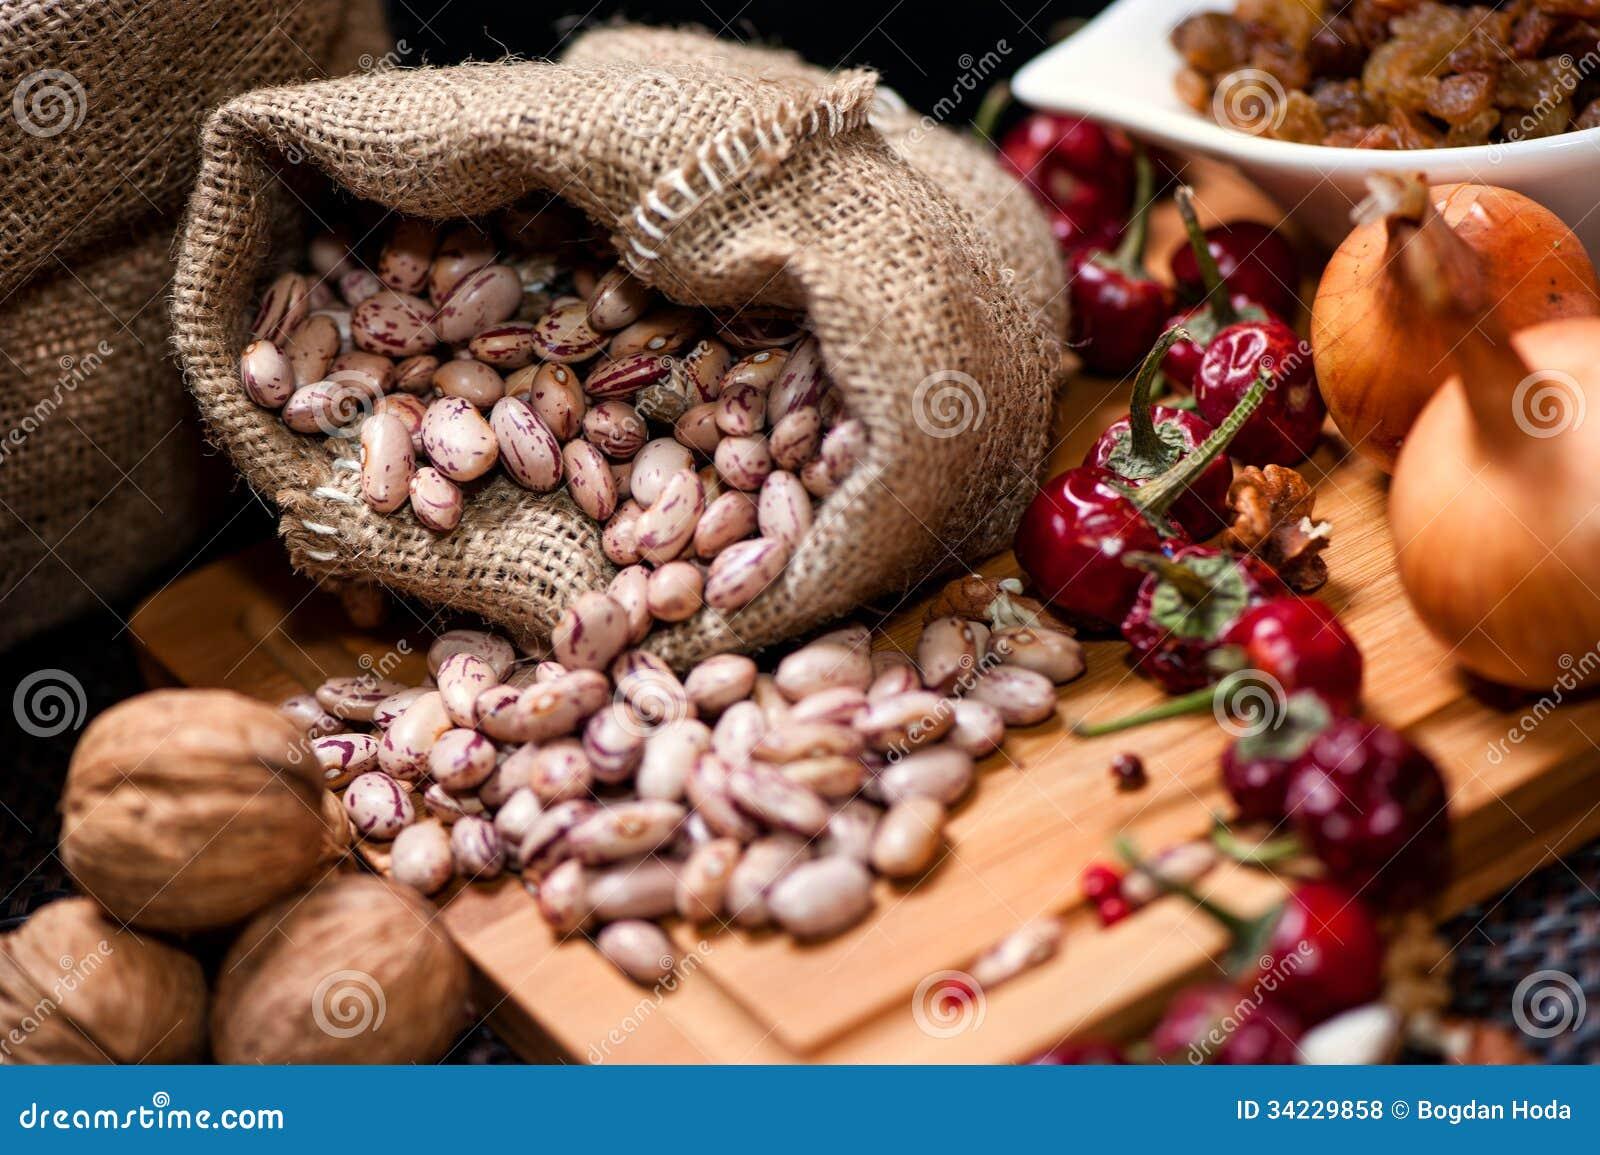 Bio cebollas, nueces, habas y pimienta secada como ingredientes alimentarios